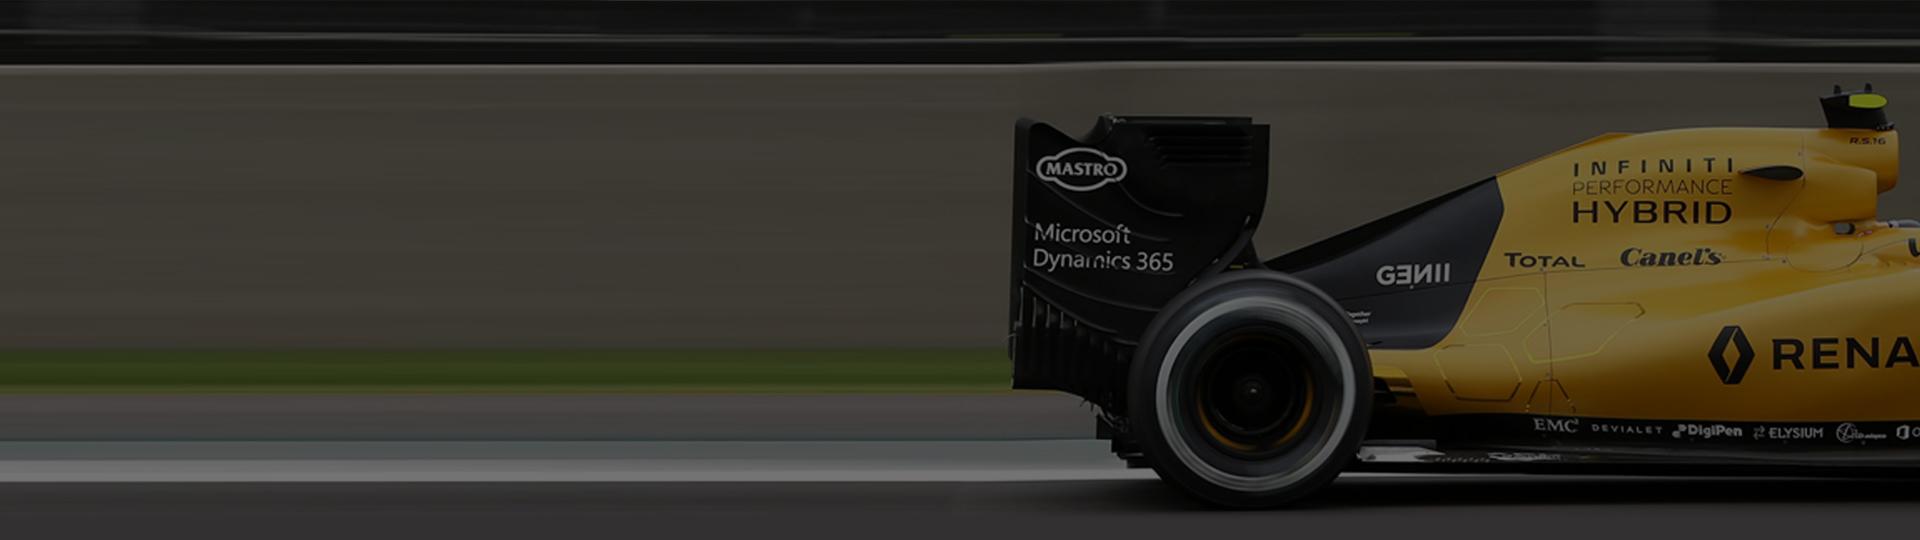 Un team di Formula 1 si affida ai servizi cloud per acquisire velocità e agilità, dentro e fuori la pista